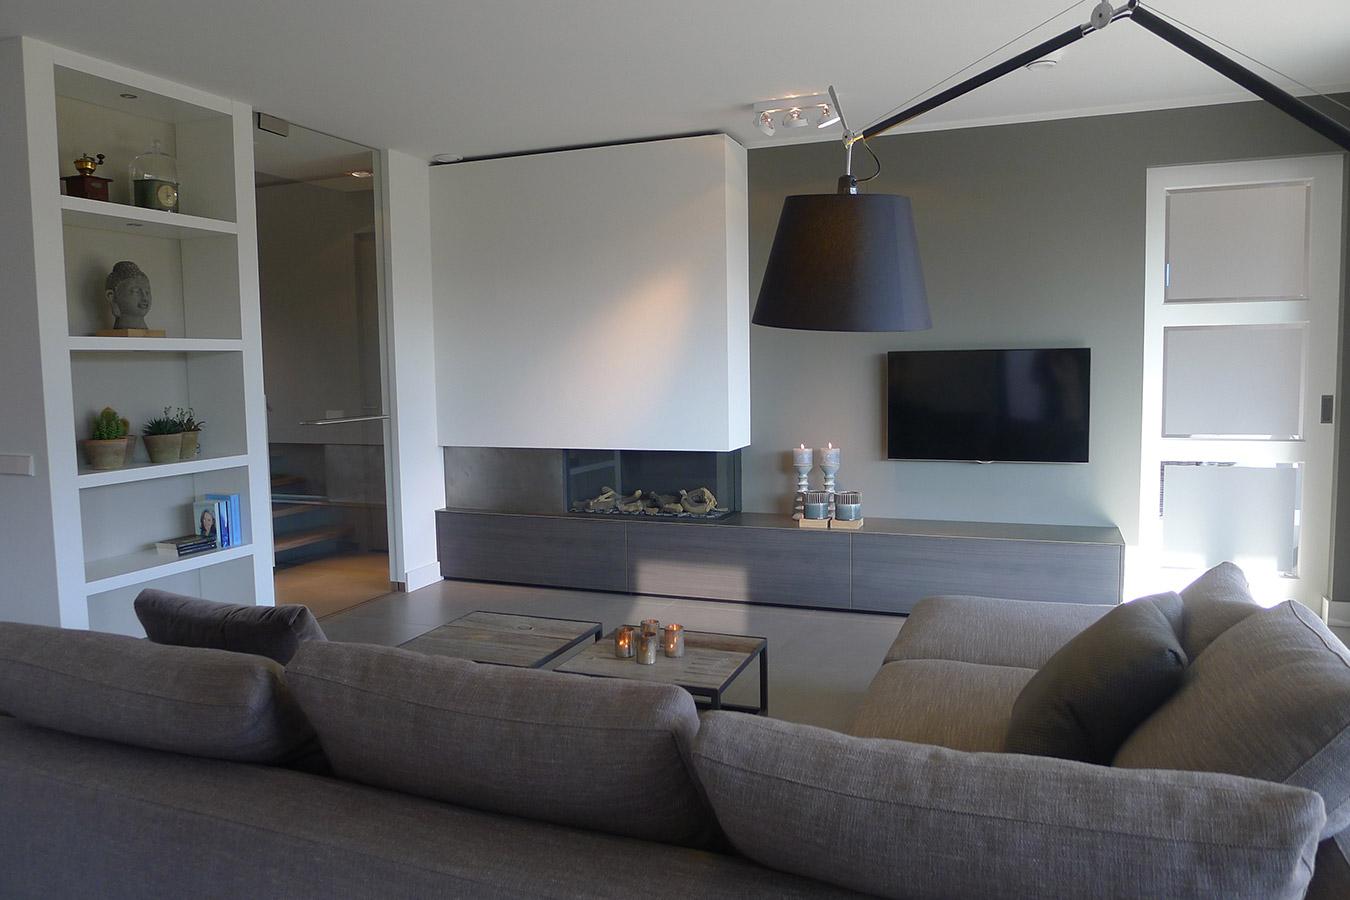 Interieur ontwerp nieuwbouw interieurarchitectuur for Inrichting huis ontwerpen